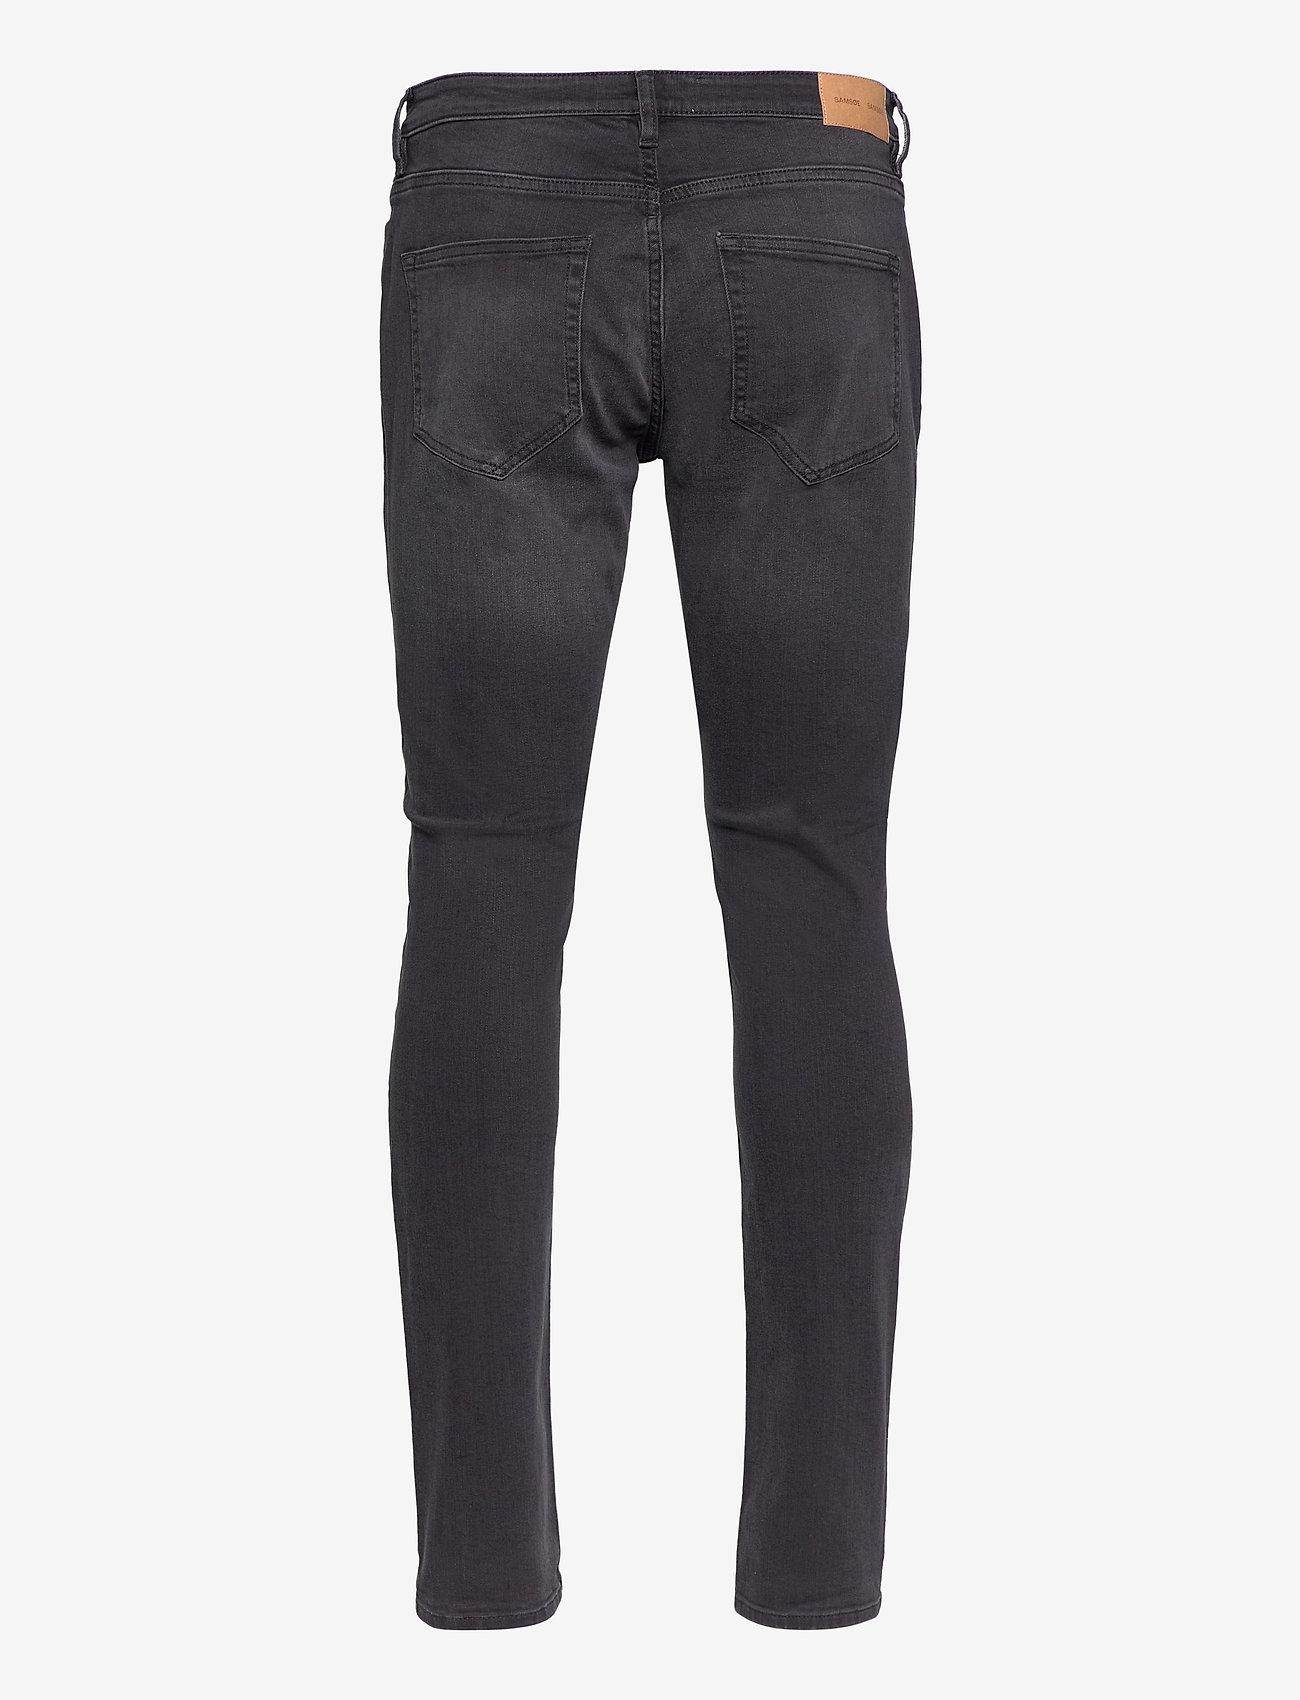 Samsøe Samsøe - Stefan jean 5891 - džinsa bikses ar tievām starām - worn black - 1